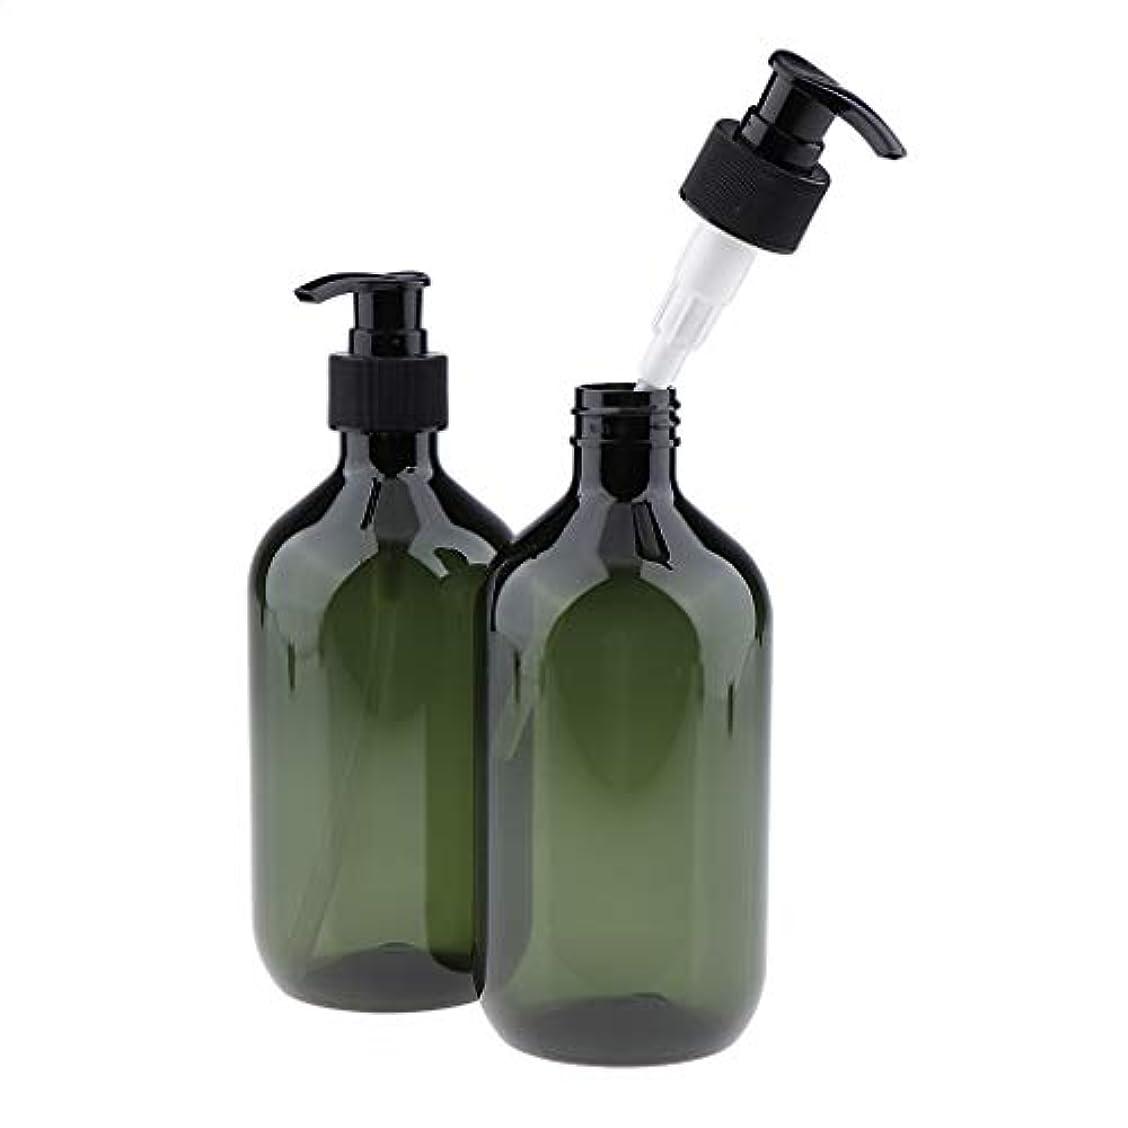 階下備品送る2パック16オンス詰め替え空の耐久性のあるプラスチック製のシャンプー&コンディショナーポンプボトルセット - 緑